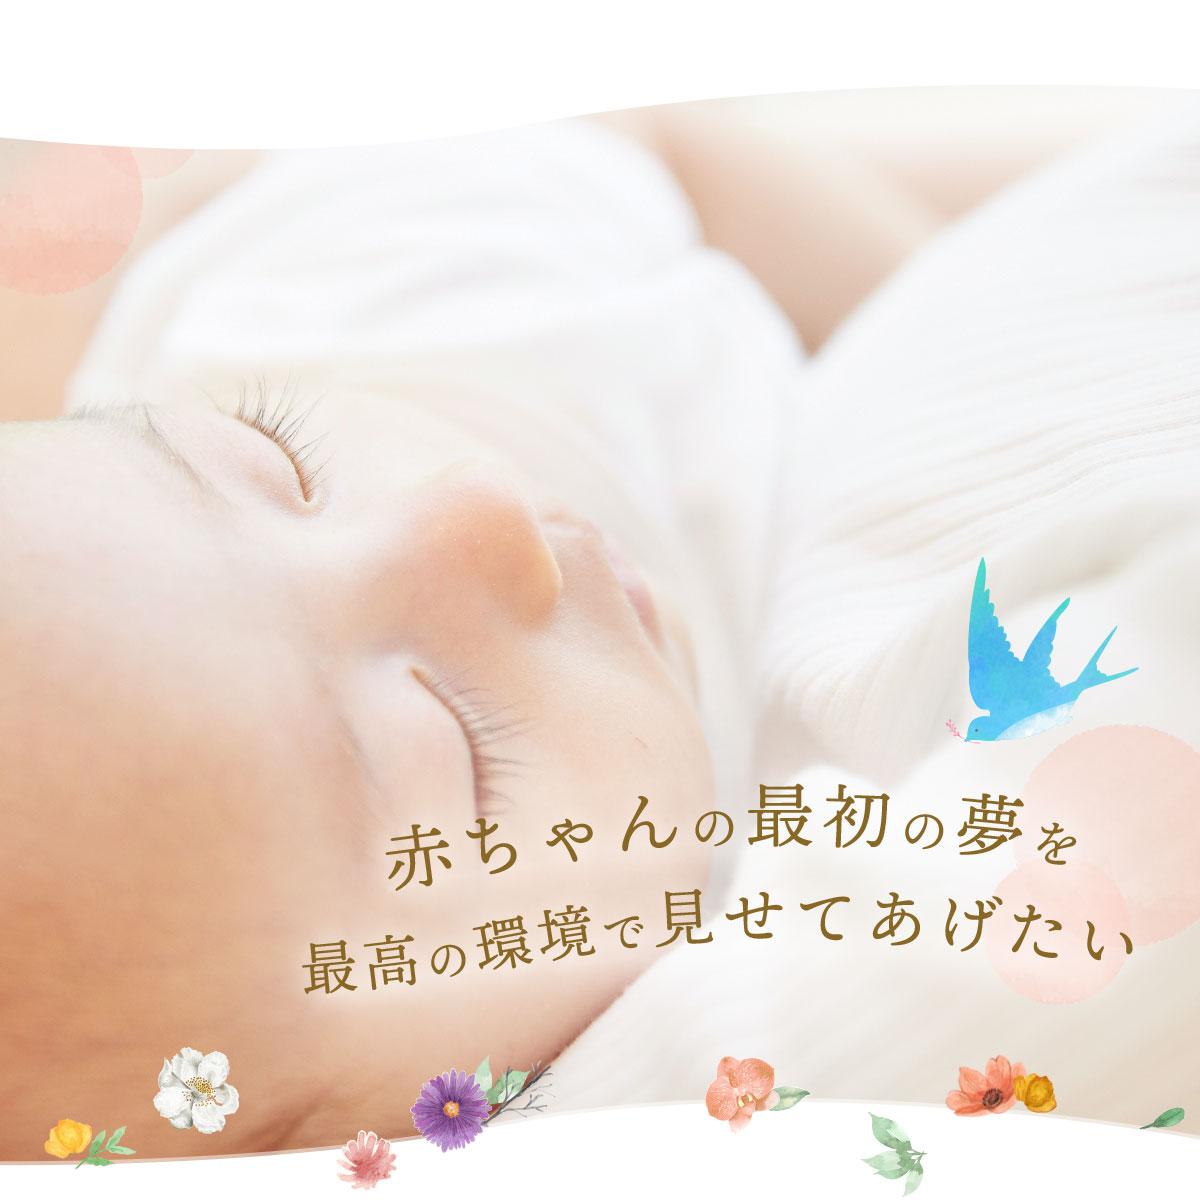 赤ちゃんの最初の夢を最高の環境で見せてあげたい